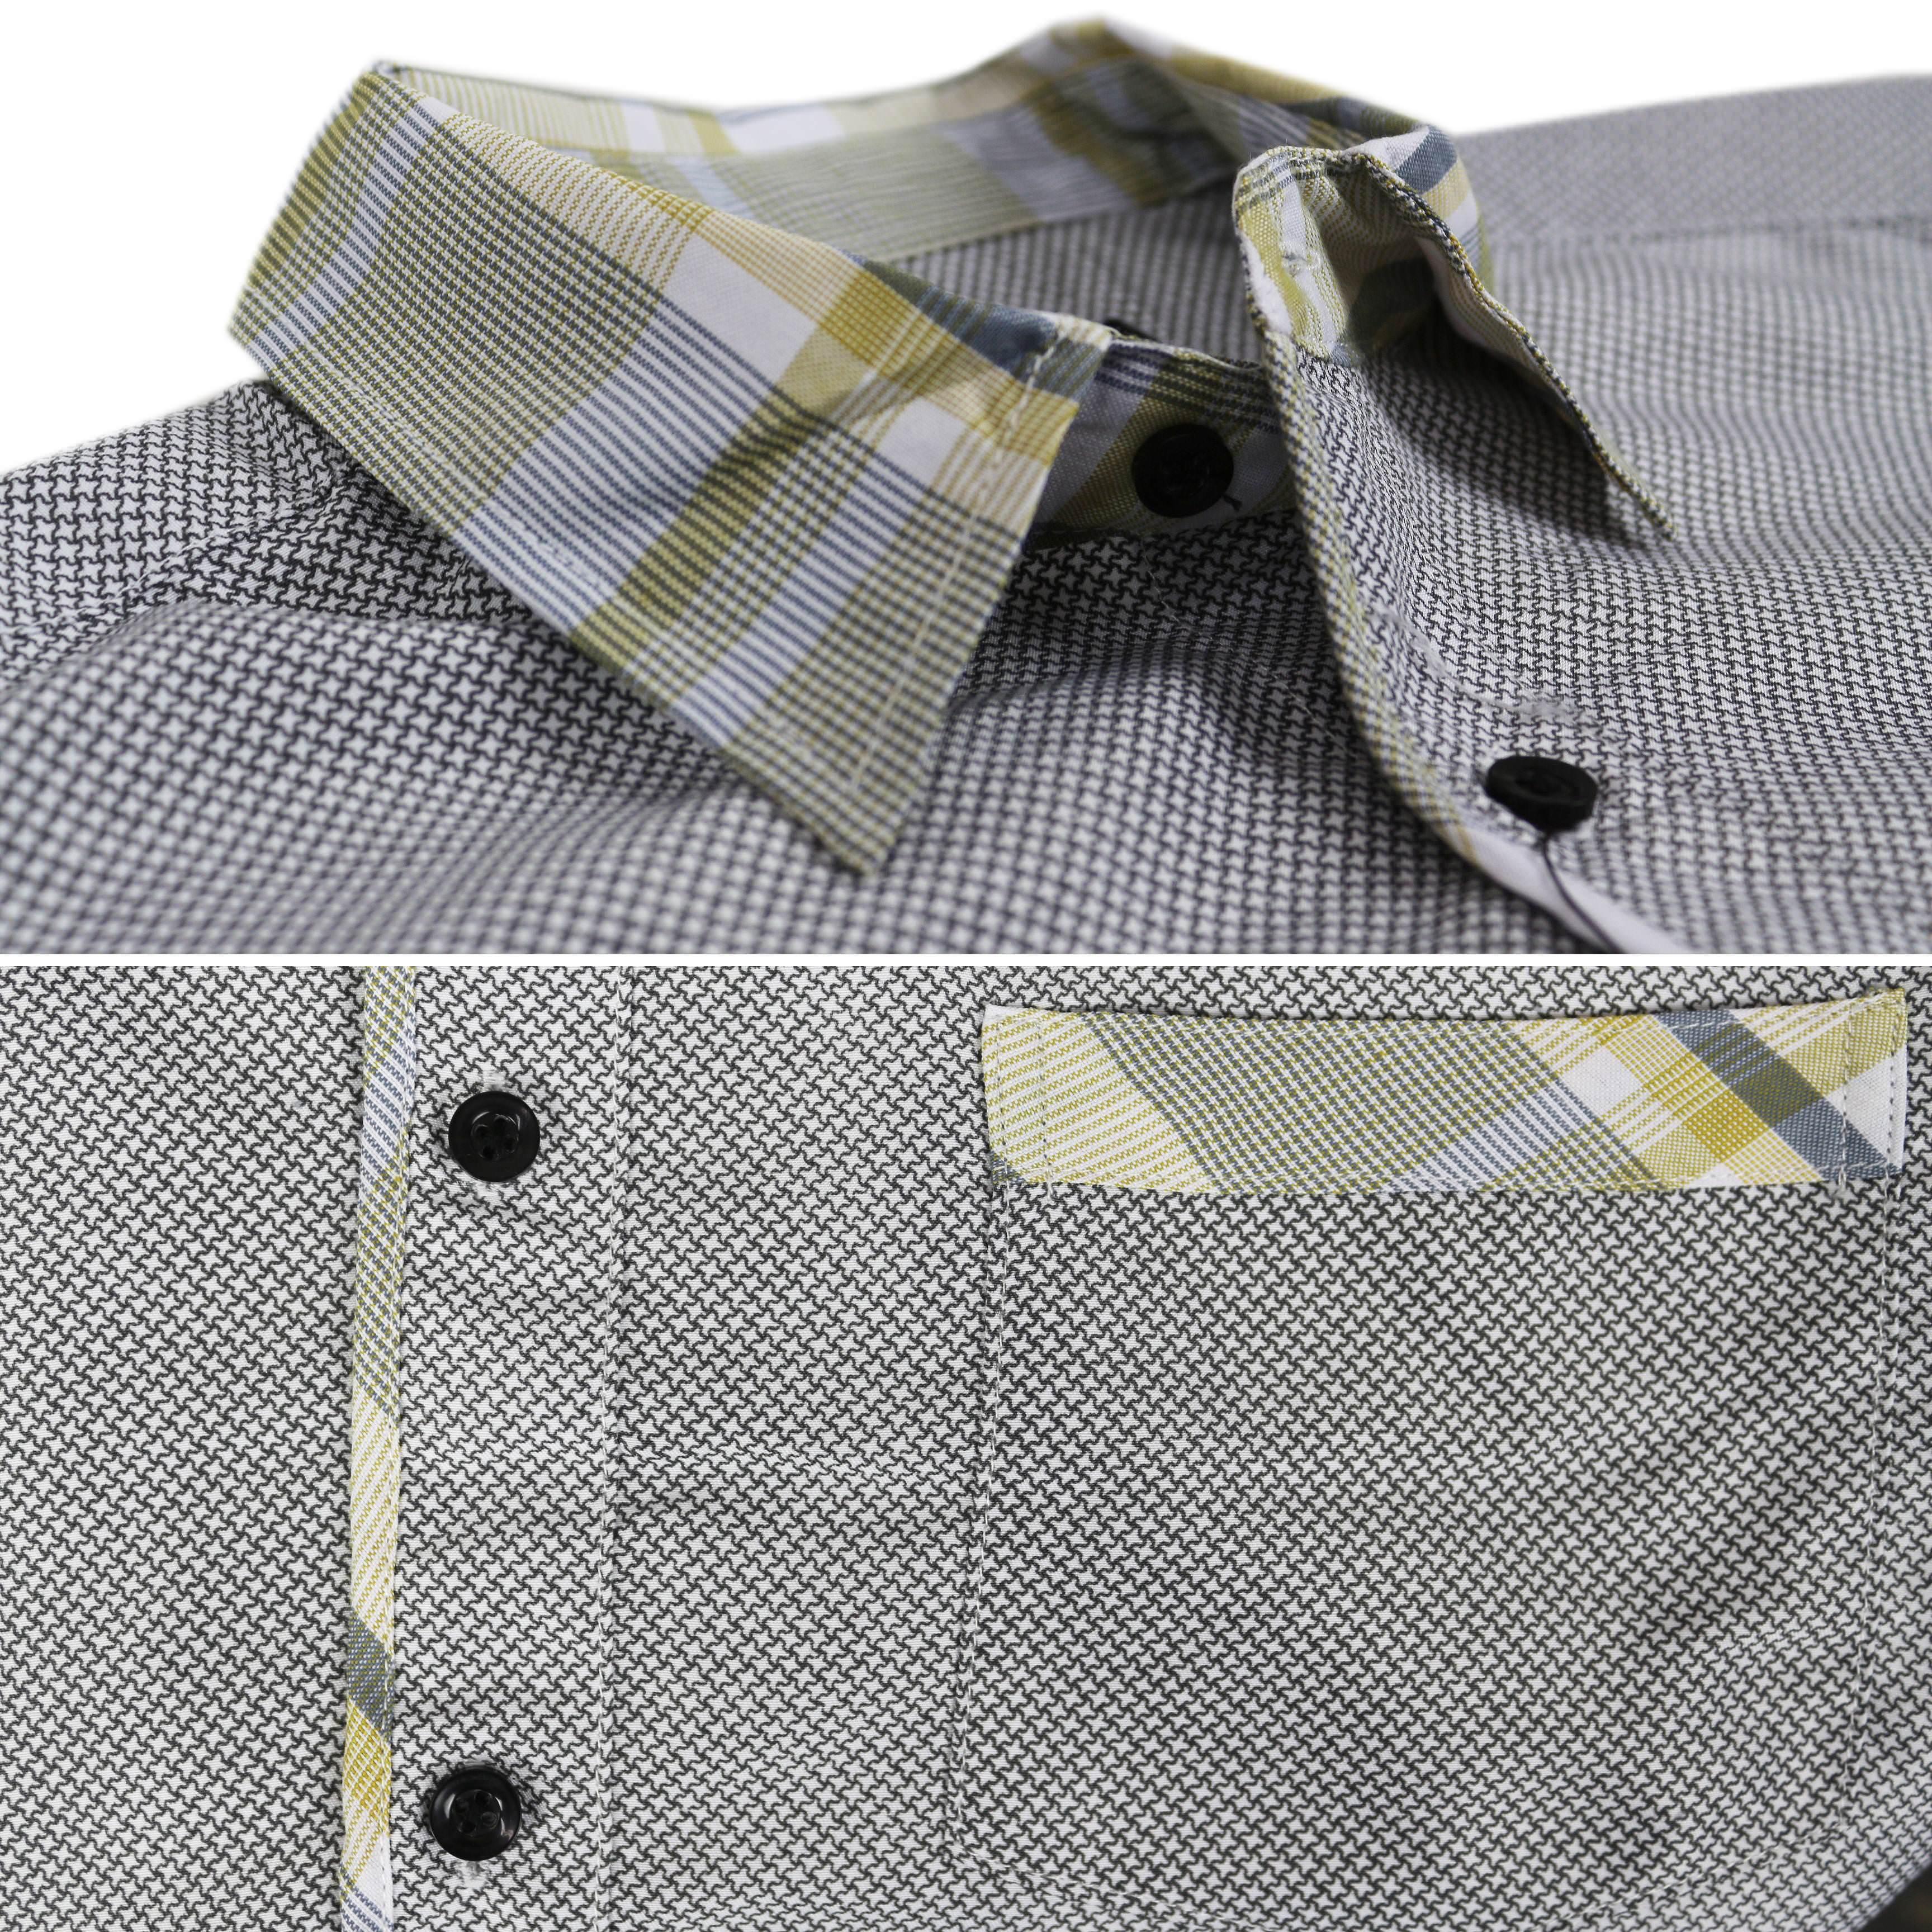 thumbnail 36 - LW-Men-039-s-Western-Button-Up-Long-Sleeve-Designer-Dress-Shirt